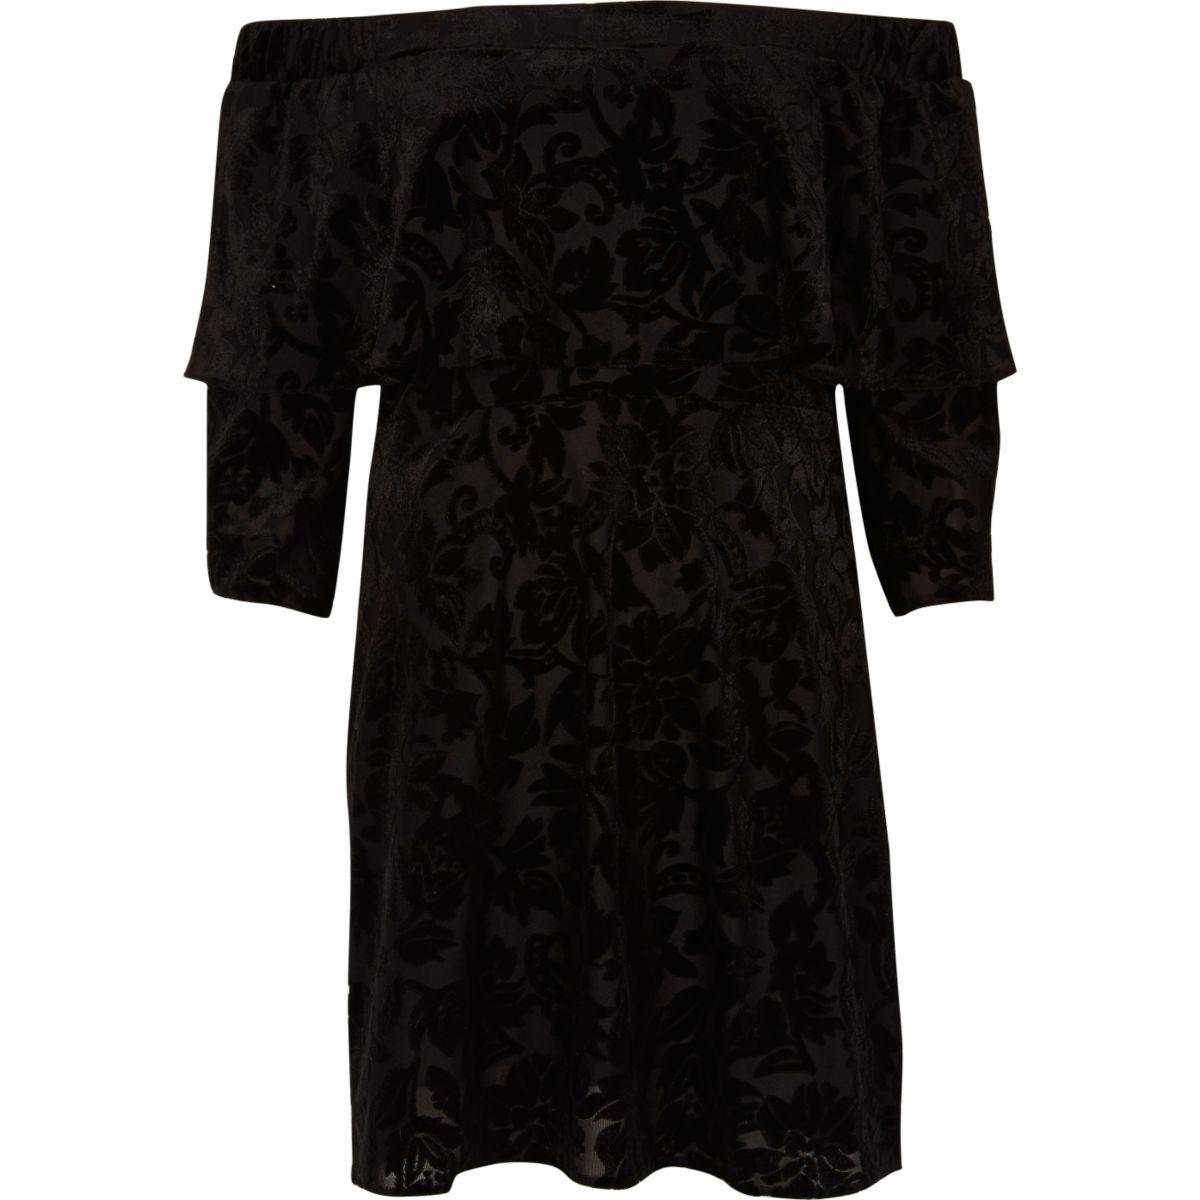 Schwarzes Bardot-Swing-Kleid mit Rüschen